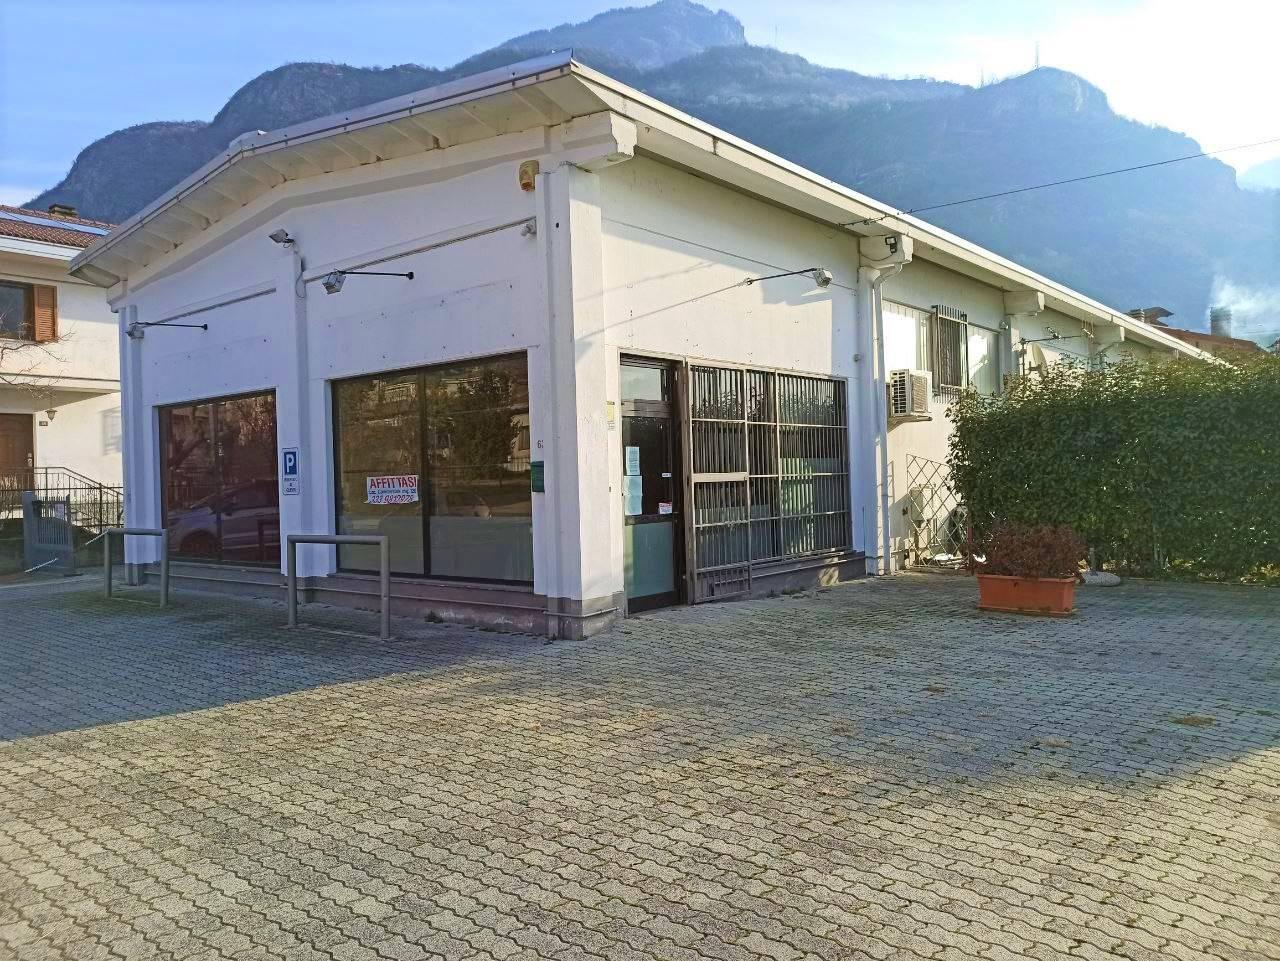 Attività / Licenza in affitto a Pont-Saint-Martin, 1 locali, prezzo € 710 | PortaleAgenzieImmobiliari.it